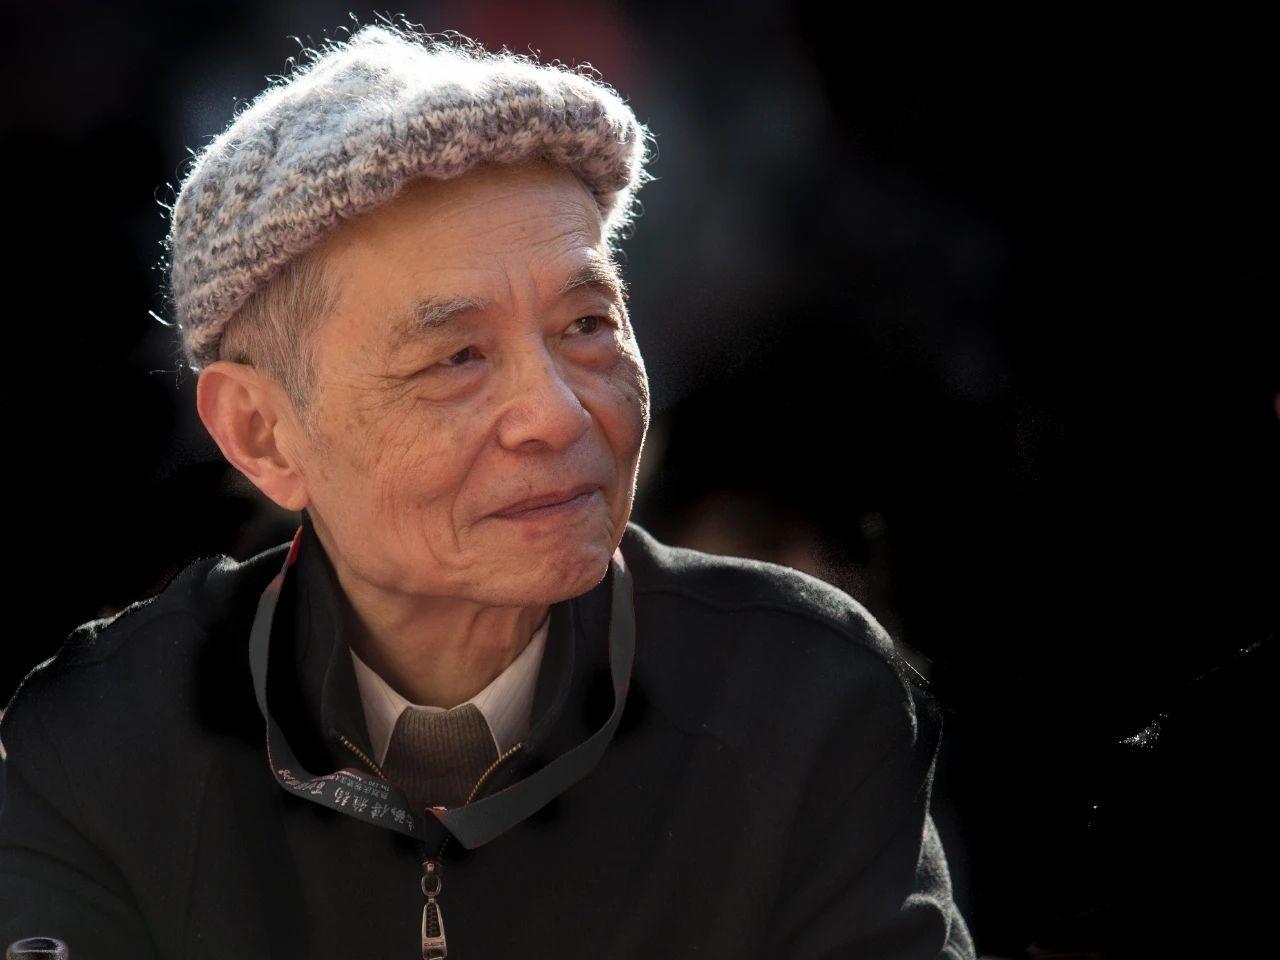 空间物理学家、武大原校长侯杰昌逝世,享年83岁